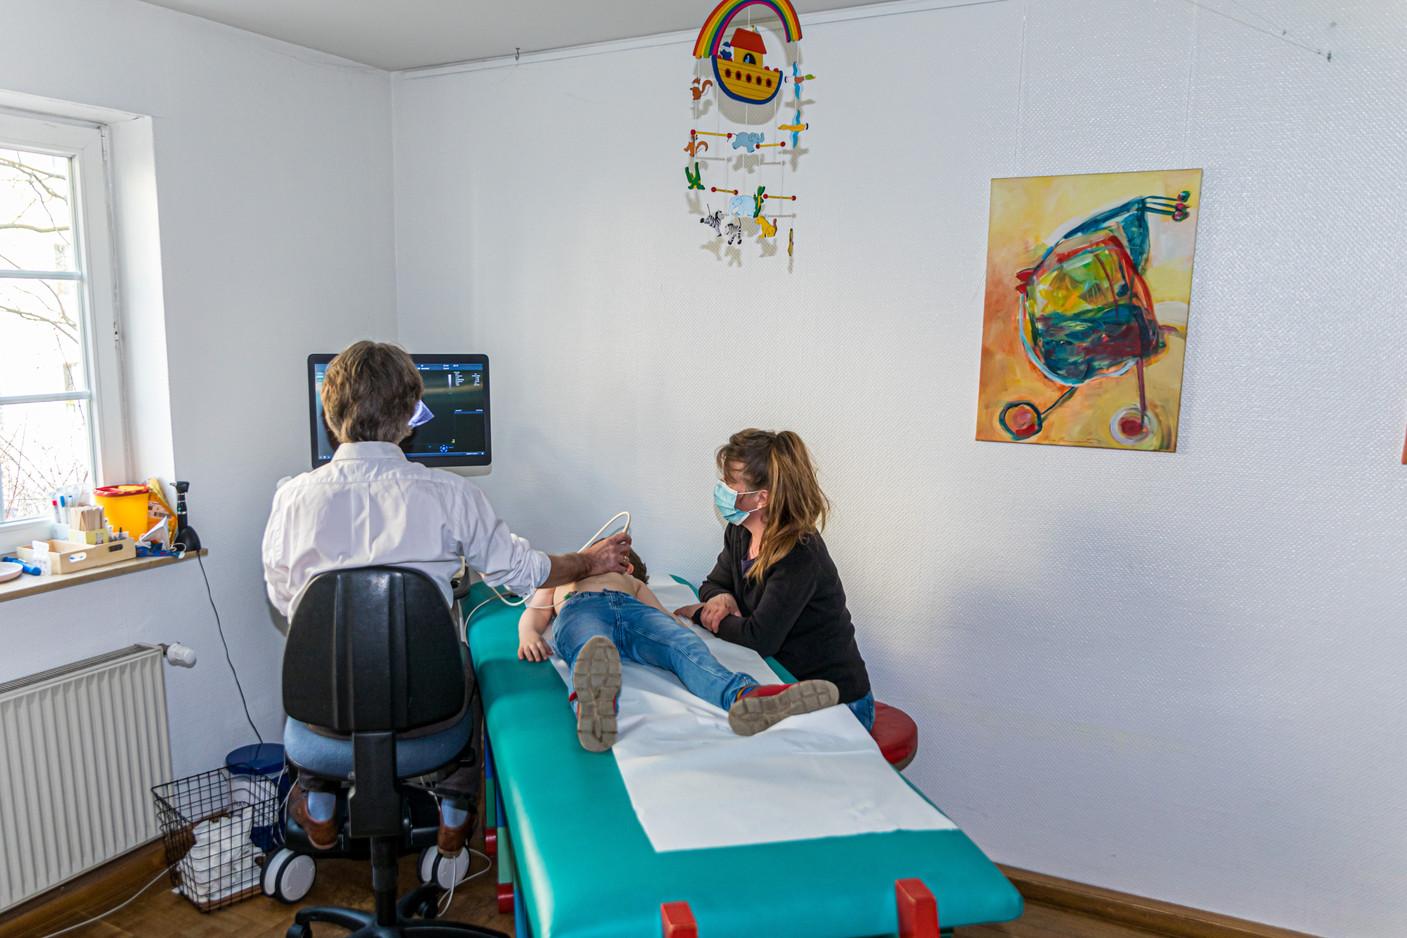 Echokardiographie im Zimmer 5 in der Kardiologie